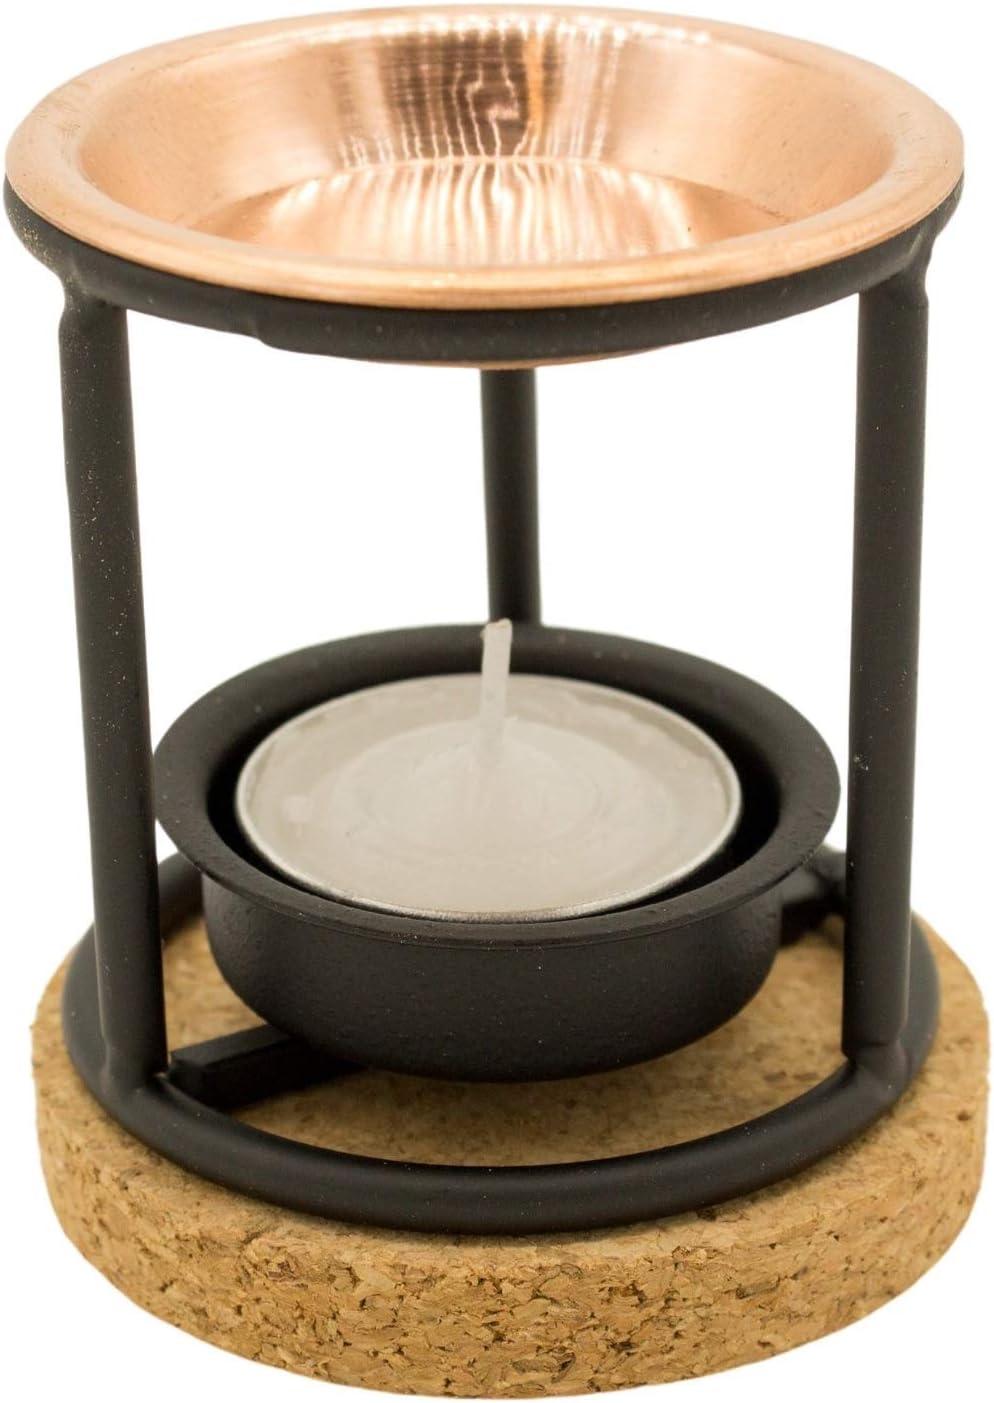 Quemador de incienso de acero estable con sartén de cobre y placa de corcho, ideal para ahumar incienso